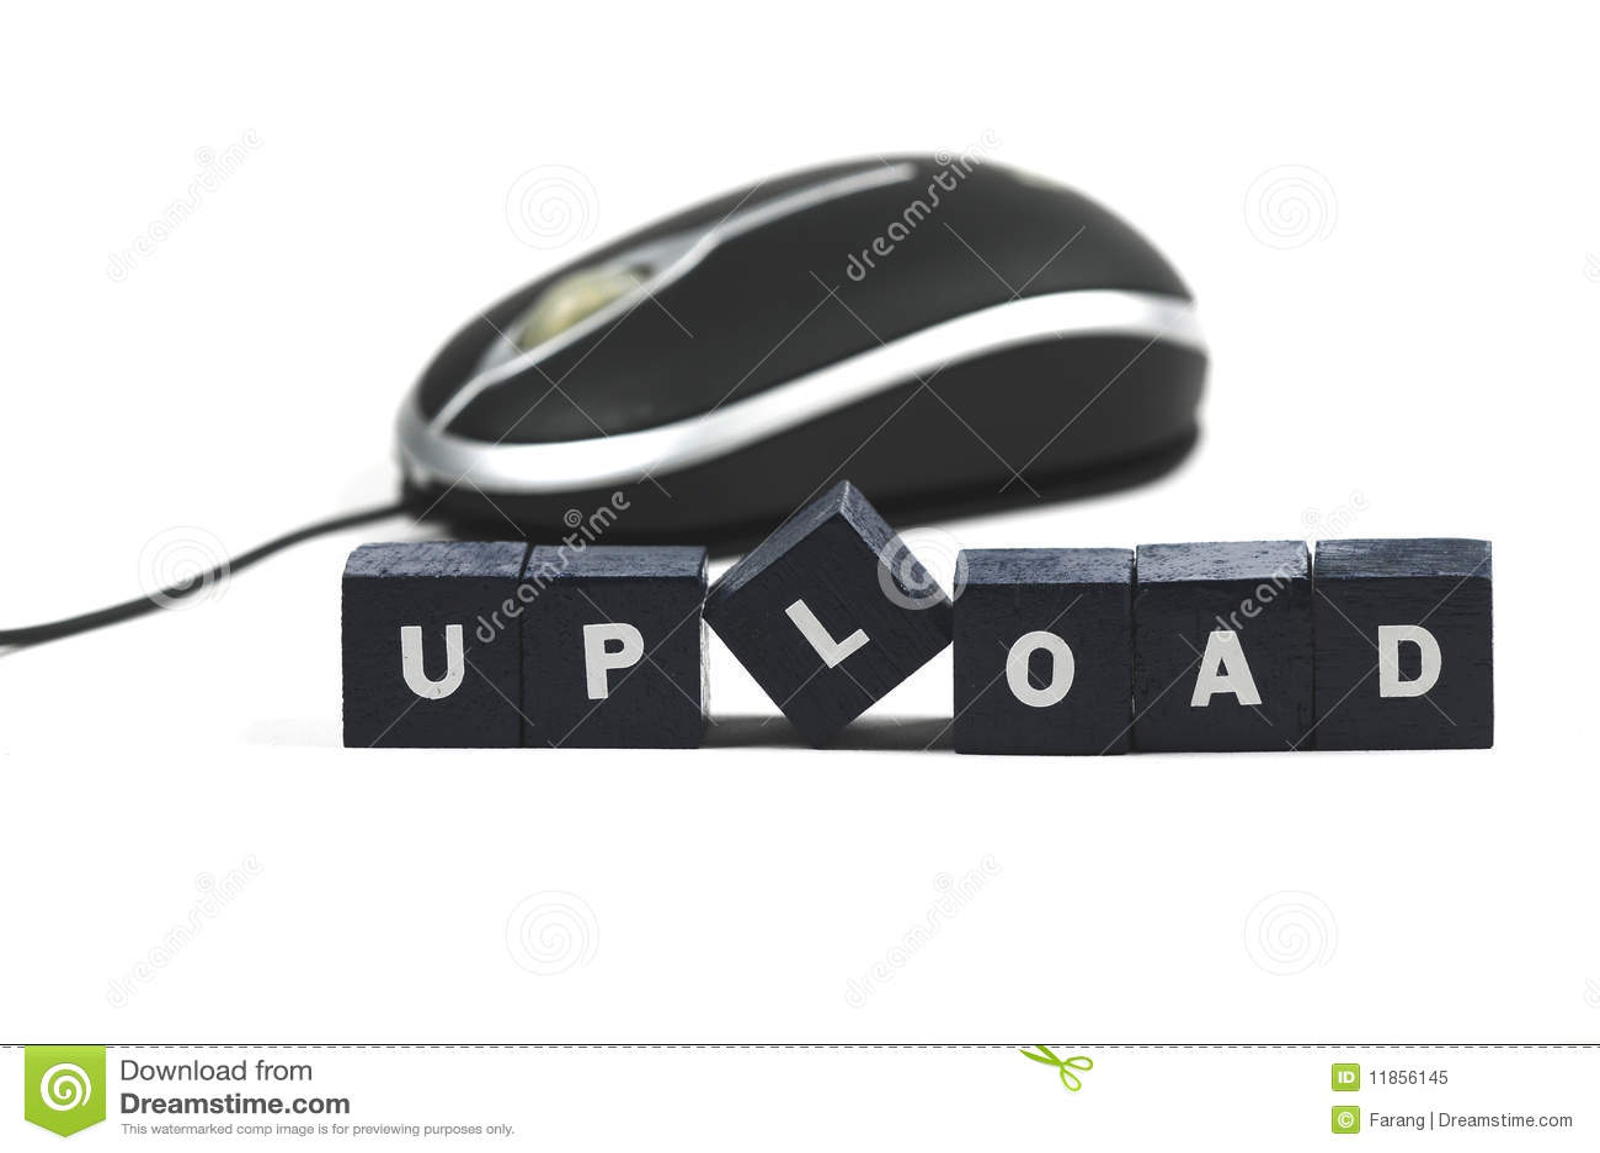 Transferência de arquivo pela rede